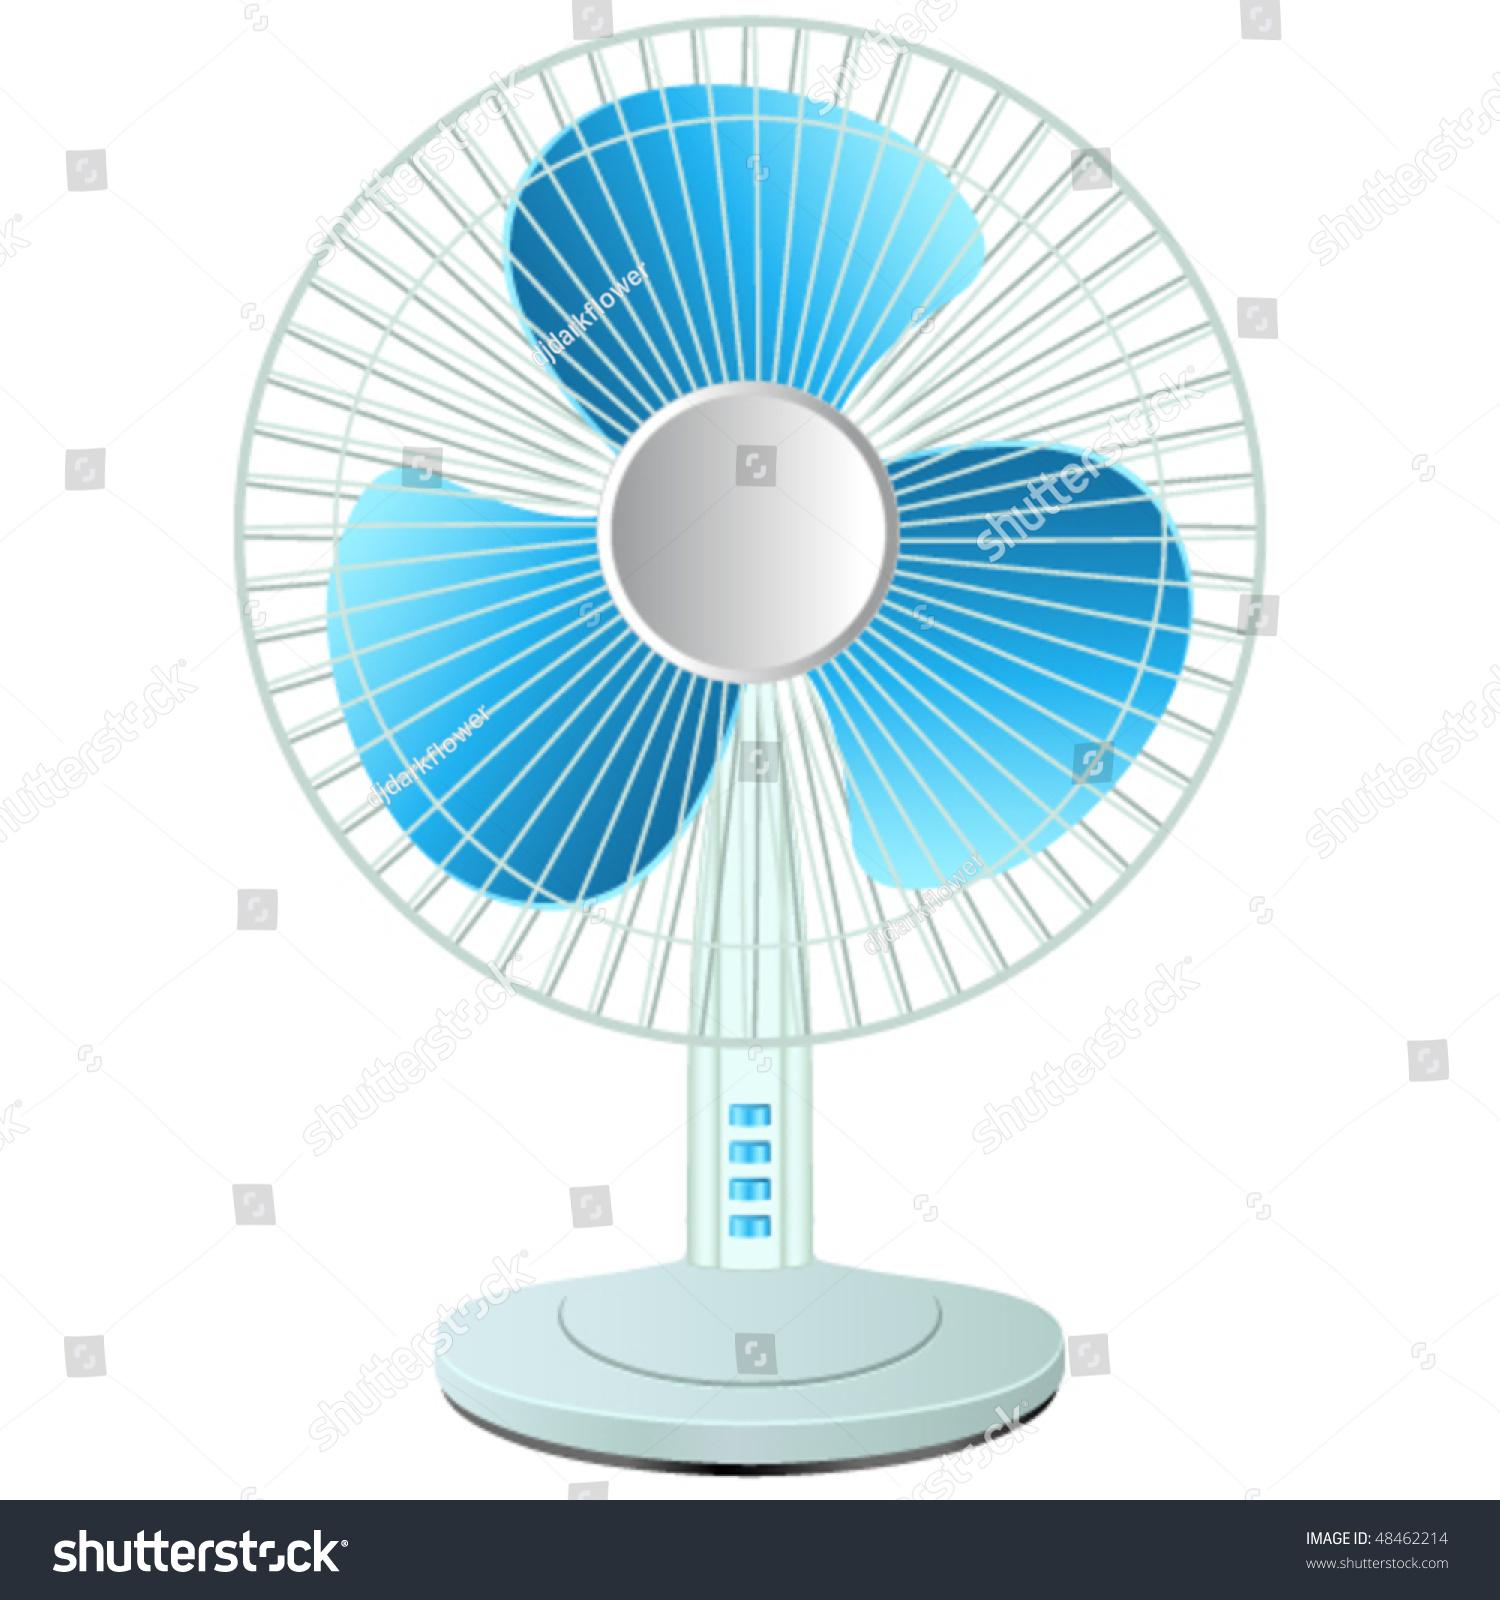 Cooling Fan Clip Art : Table fan vector illustration stock